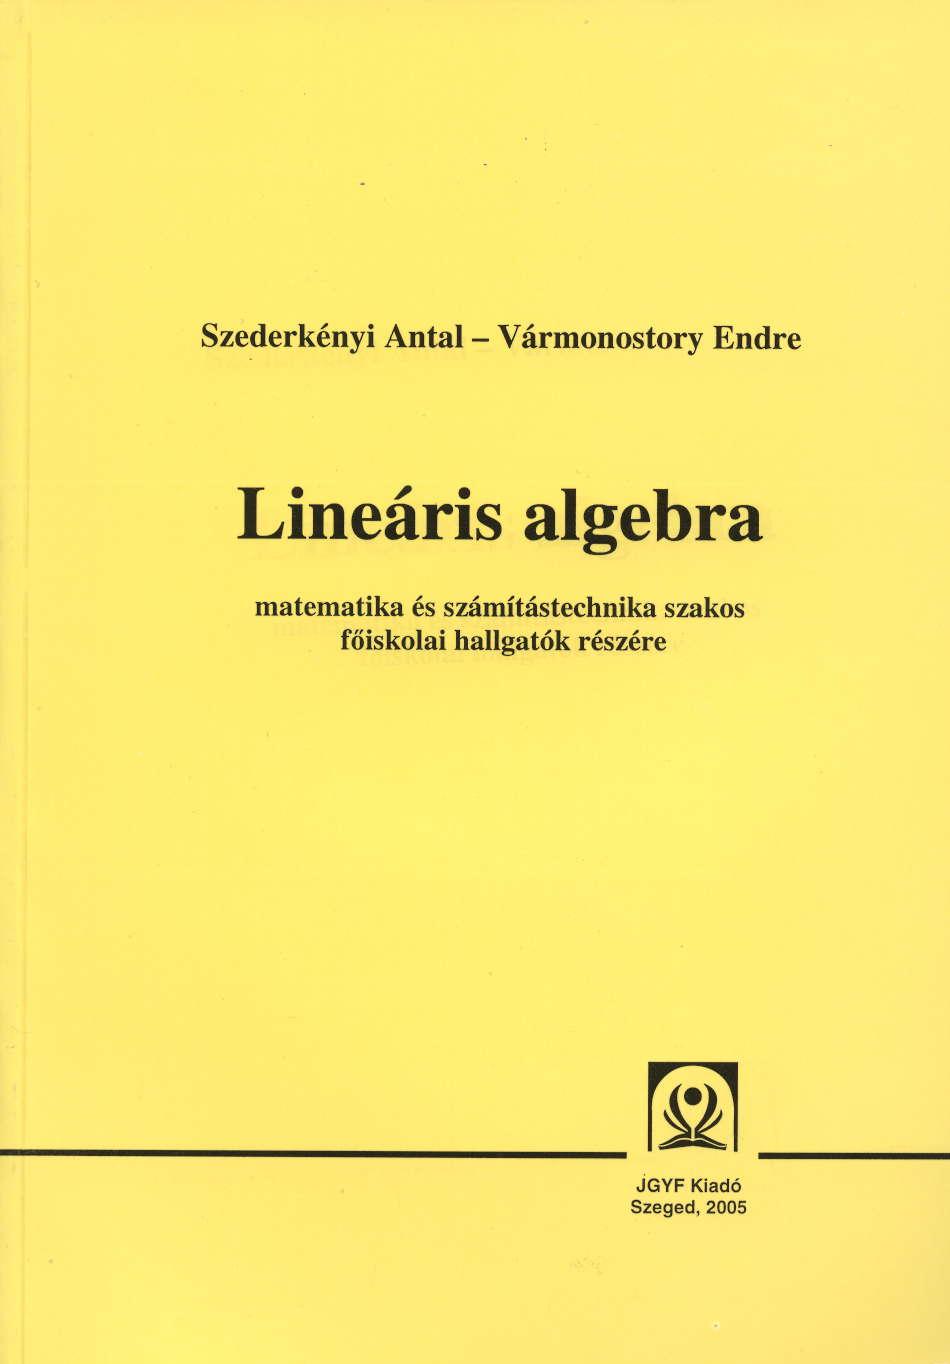 Lineáris algebra - JGYFK